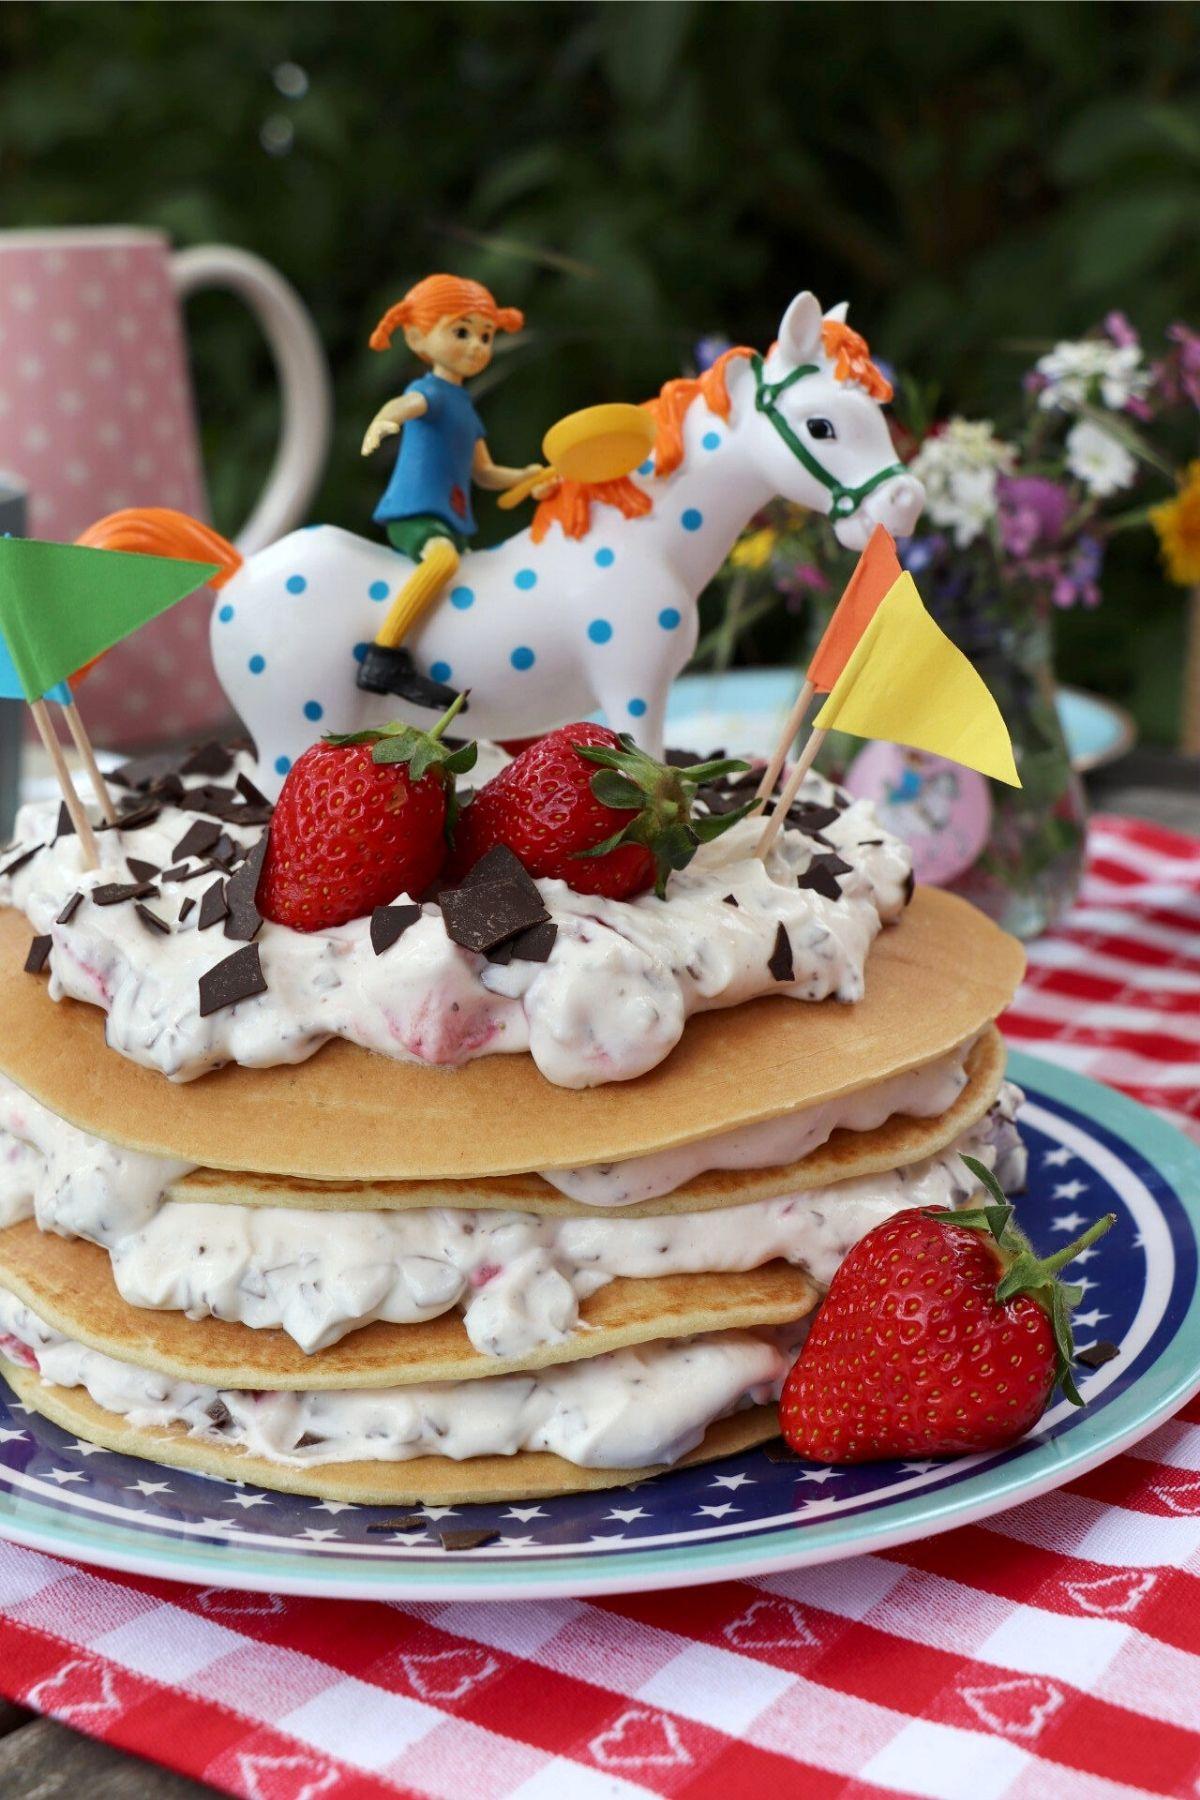 Pippi Langstrumpf Hat Geburtstag Und Wir Feiern Mit Inkl Gewinnspiel Lavendelblog In 2020 Lebensmittel Essen Pippi Langstrumpf Pippi Langstrumpf Party